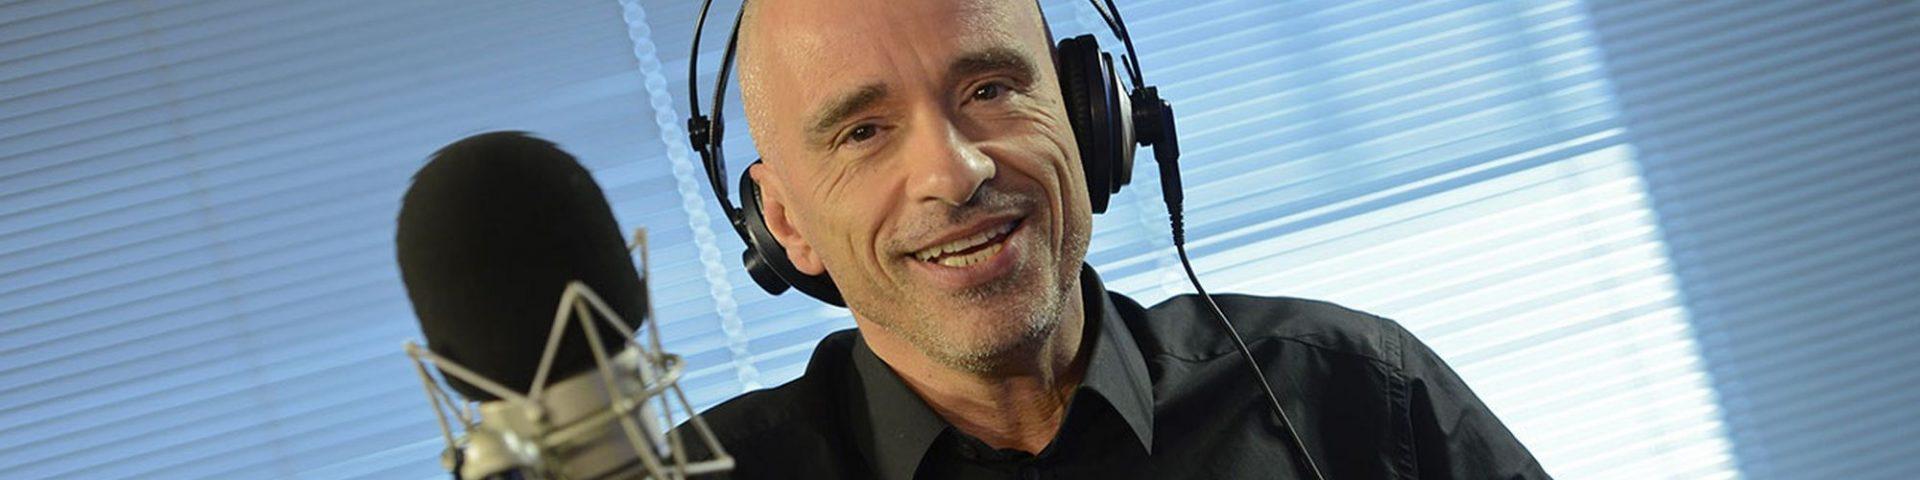 """Eros Ramazzotti: """"Vita ce n'è"""" è il nuovo singolo in arrivo il 19 ottobre"""